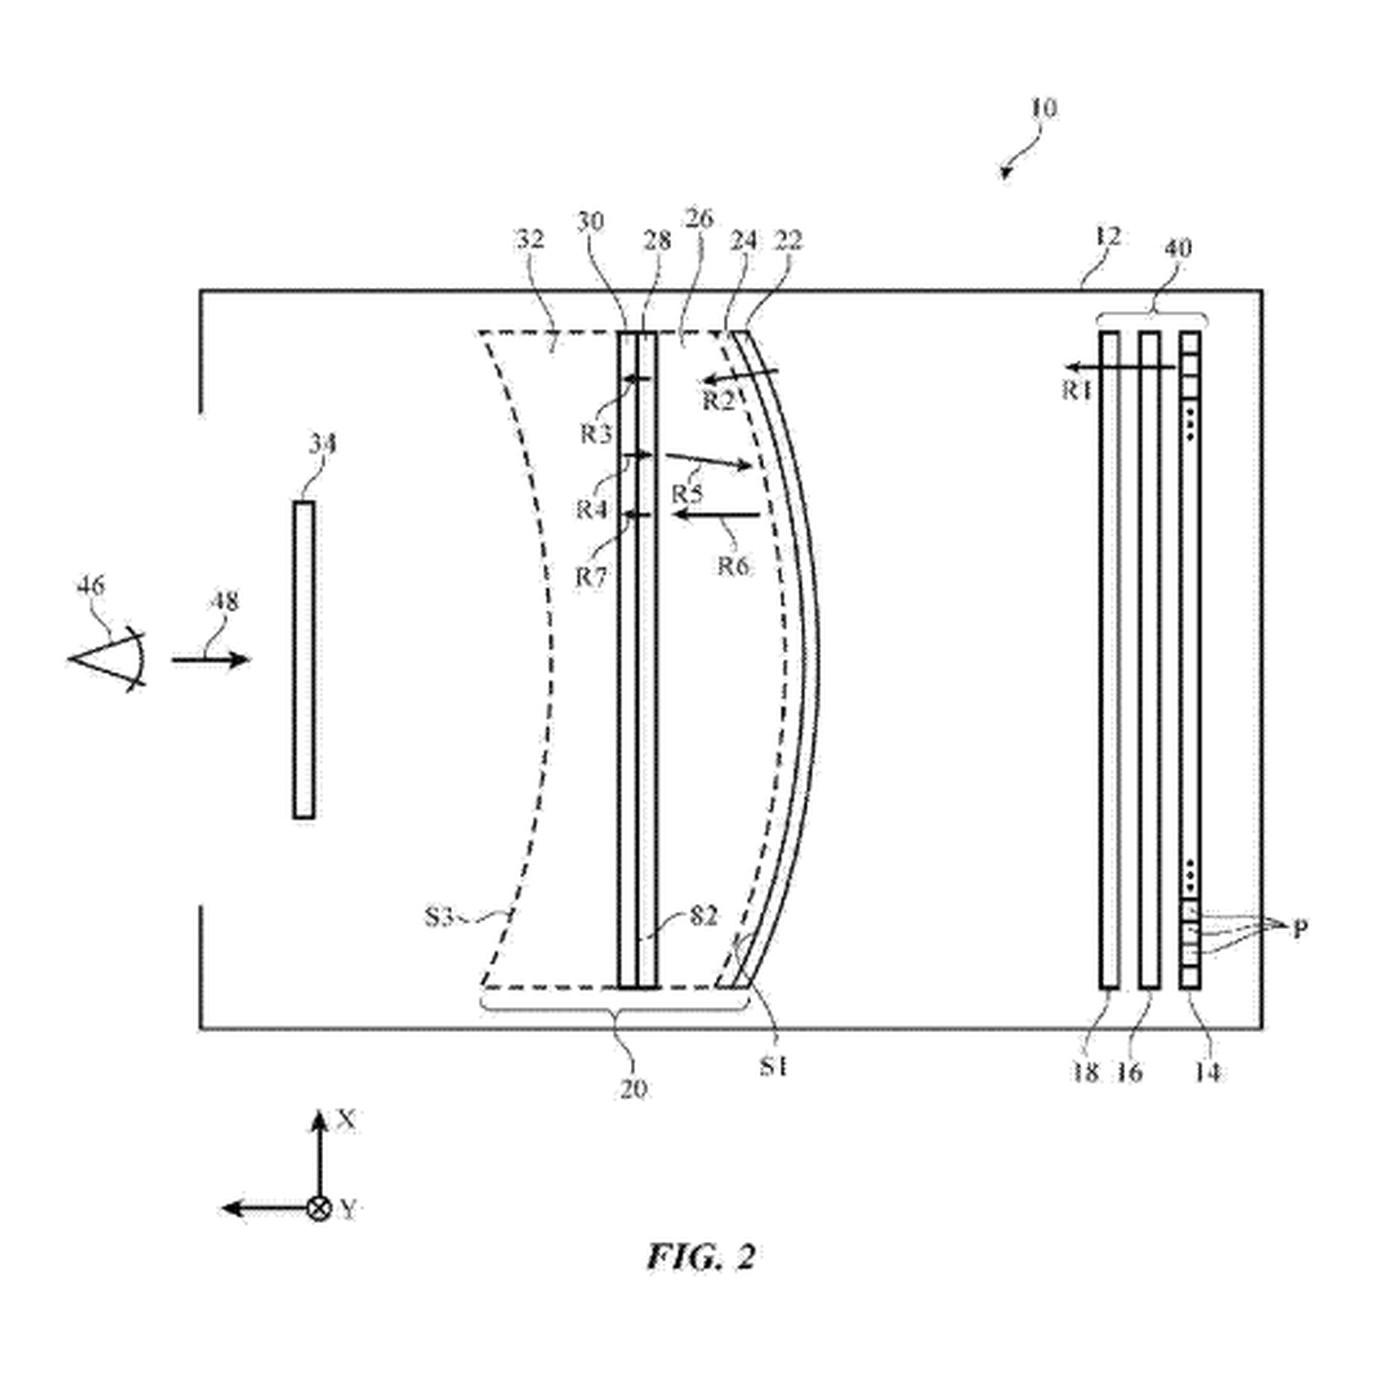 cd213836db38 Apple smart glasses patent details a lighter